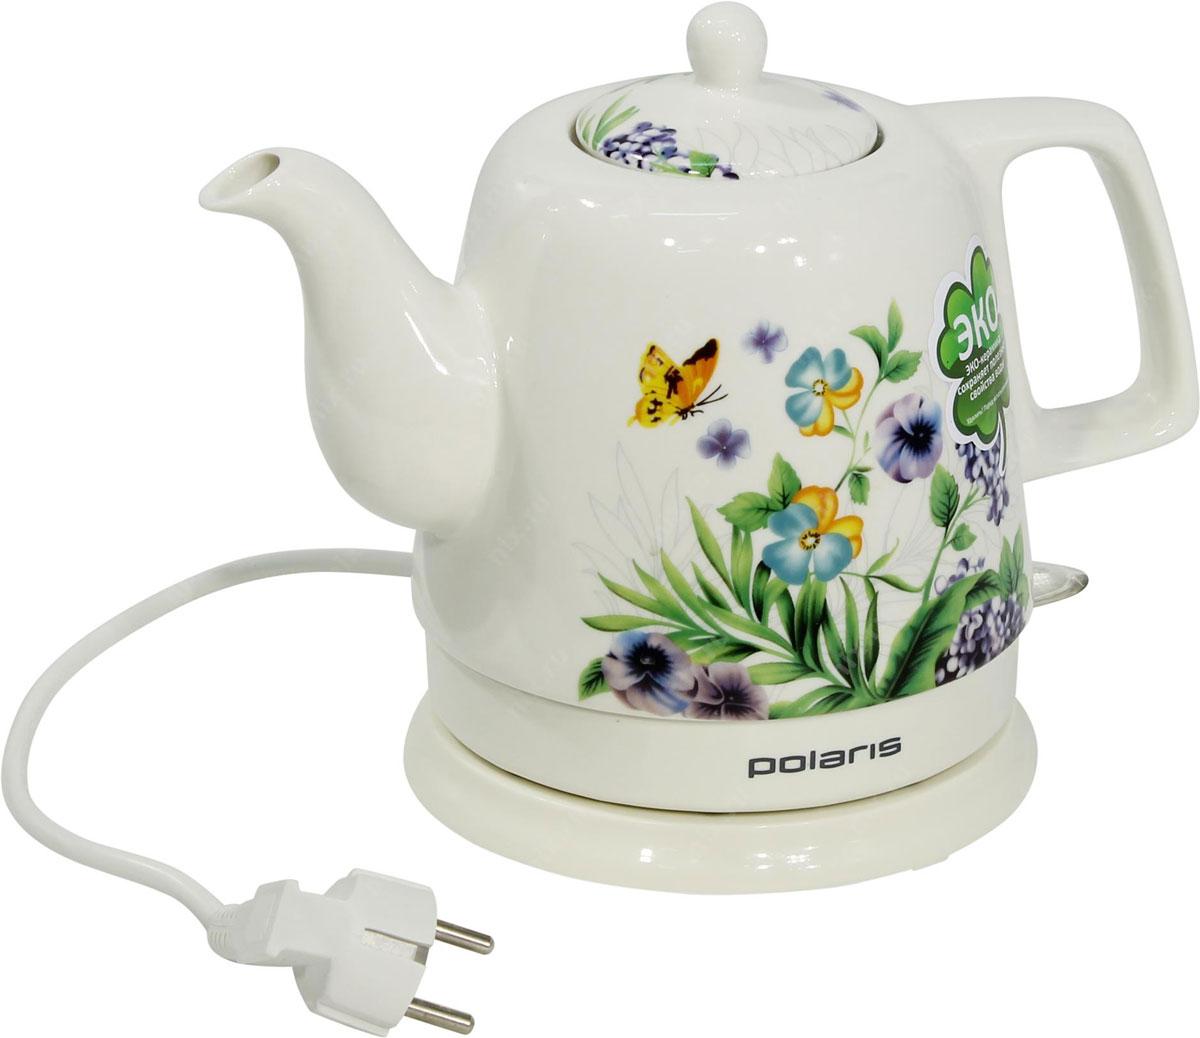 Polaris PWK 1299CCR Весна электрический чайникPWK 1299CCR_белыйPolaris PWK 1299CCR Весна - это керамический электрочайник с ярким дизайном. Корпус чайника декорирован эмалевой росписью с рисунком. Такой необычный подарок станет центром посиделок в кругу семьи.Корпус чайника выполнен из экологически чистой керамики, которая сохраняет полезные и вкусовые качества воды. Благодаря природным свойствам керамики кипяток дольше остается горячим.Данная модель оснащена встроенным скрытым нагревательным элементом. Это снижает образование накипи и упрощает очистку, продлевая тем самым срок службы чайника. Новинка оснащена автоматическим и ручнымвыключателем, индикаторной лампочкой и отсеком для хранения шнура. Прибор вращается на круглой подставке - базе на 360 градусов, поэтому вы без труда сможете повернуть его в любую сторону.